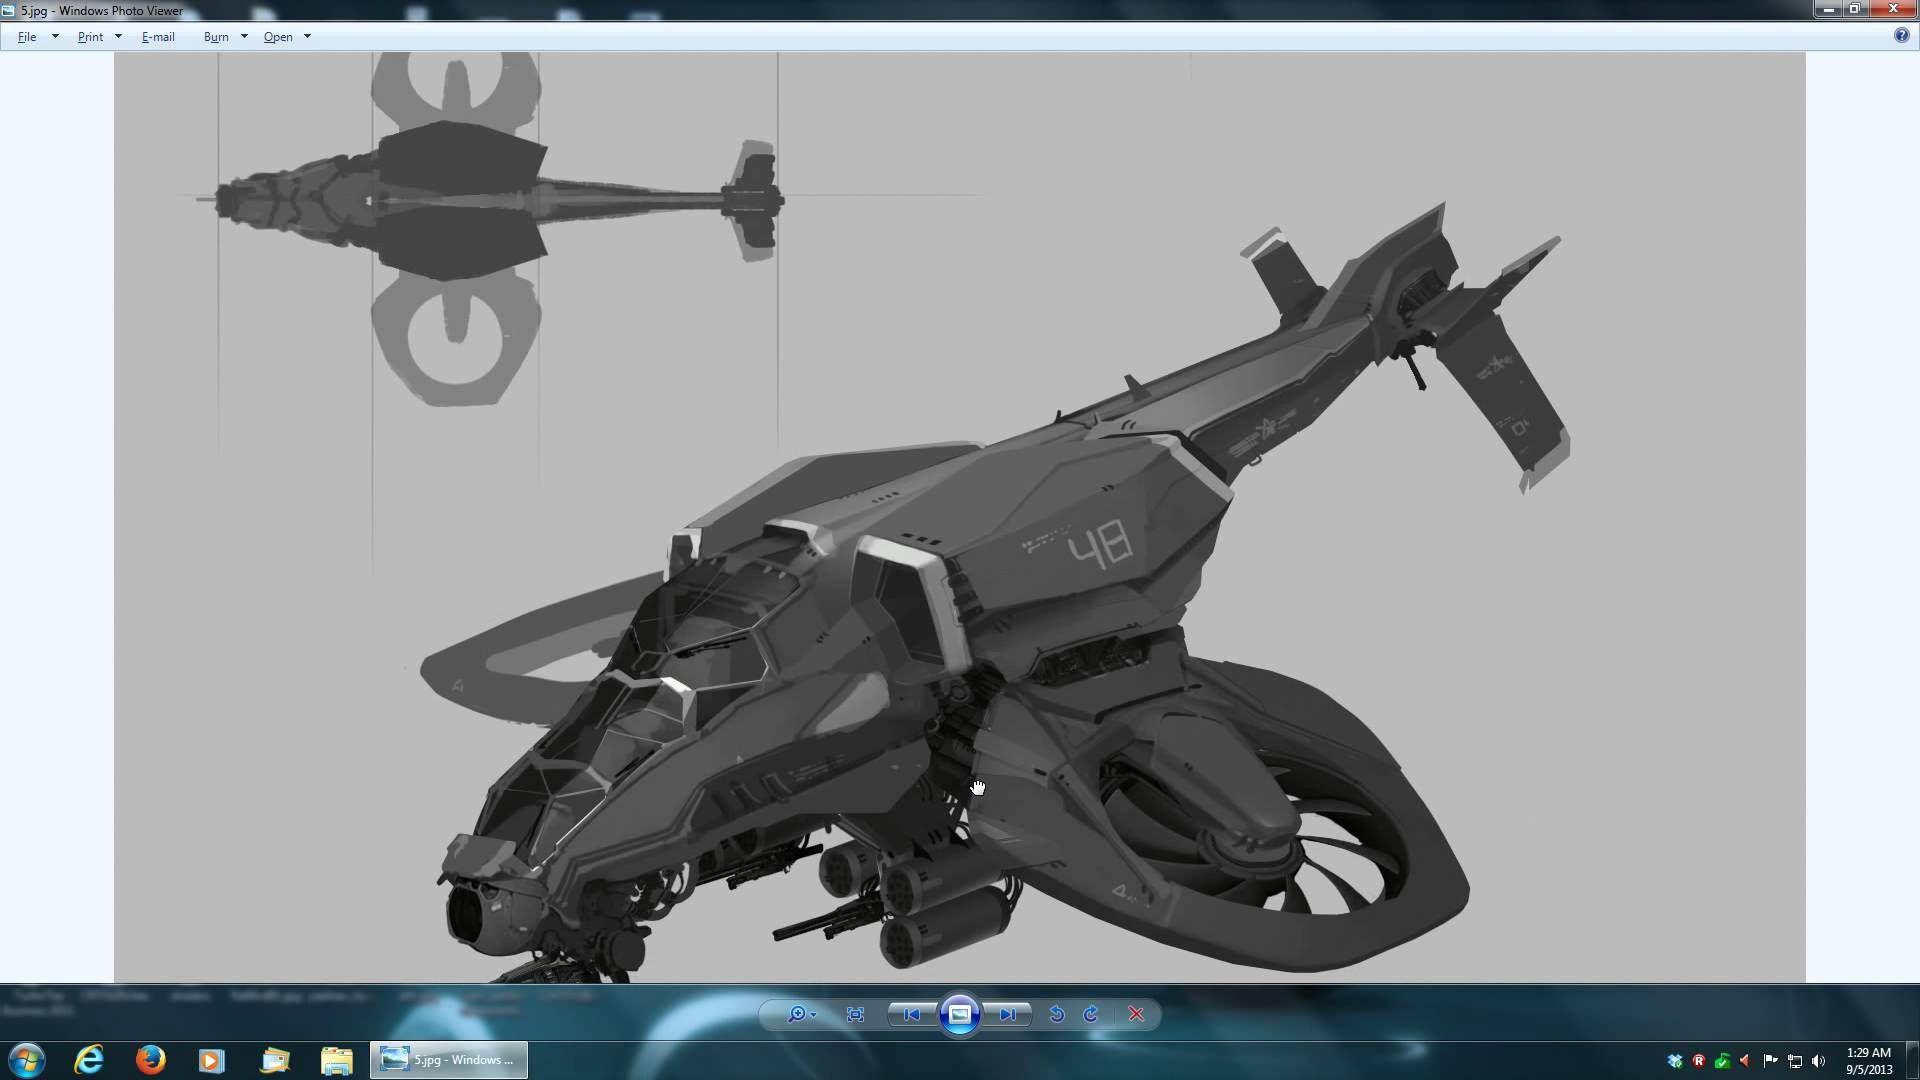 avatar aircraft concept art - Google zoeken